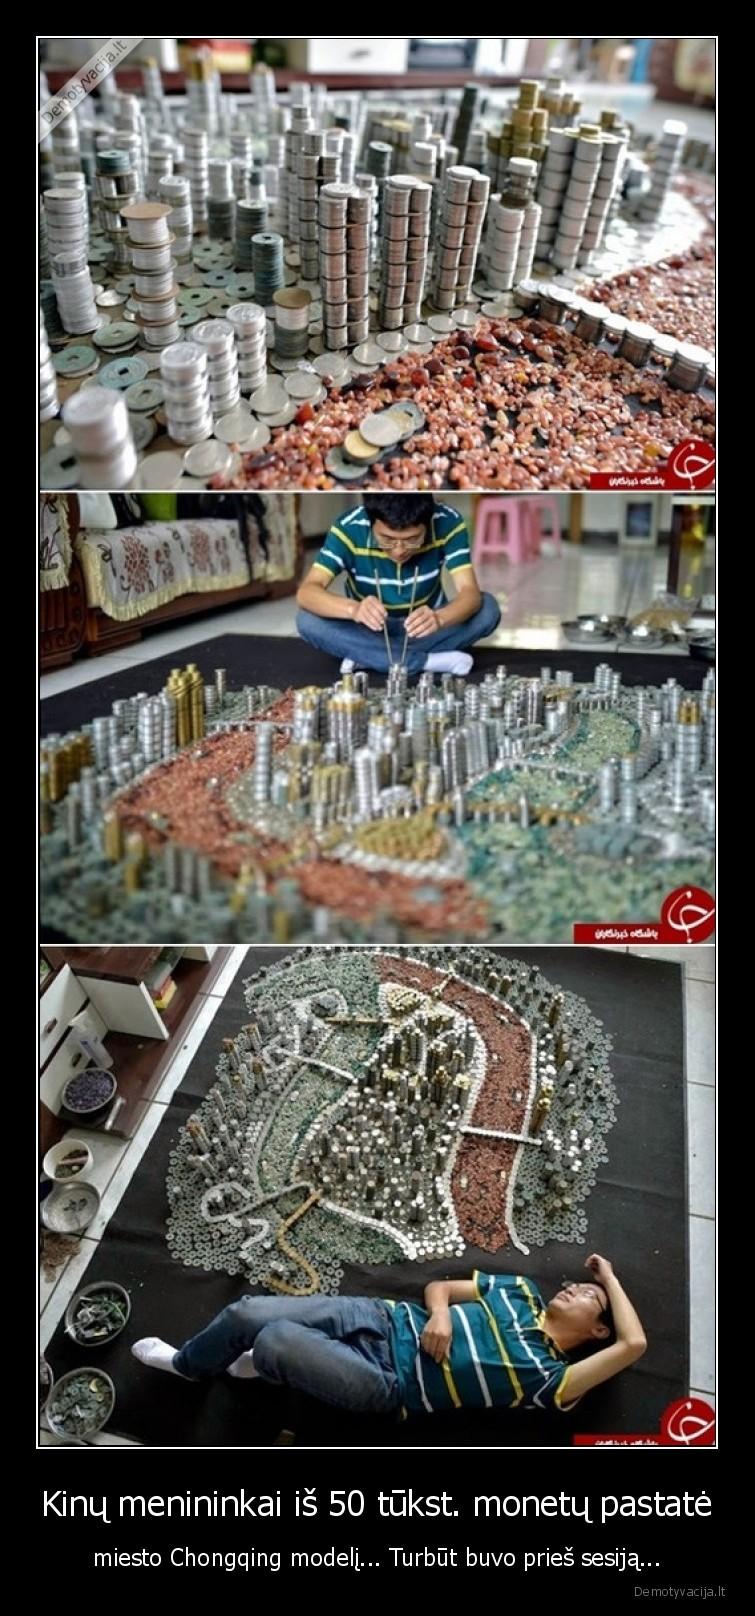 Kinu menininkai is 50 tukst. monetu pastate miesto Chongqing modeli... Turbut buvo pries sesija